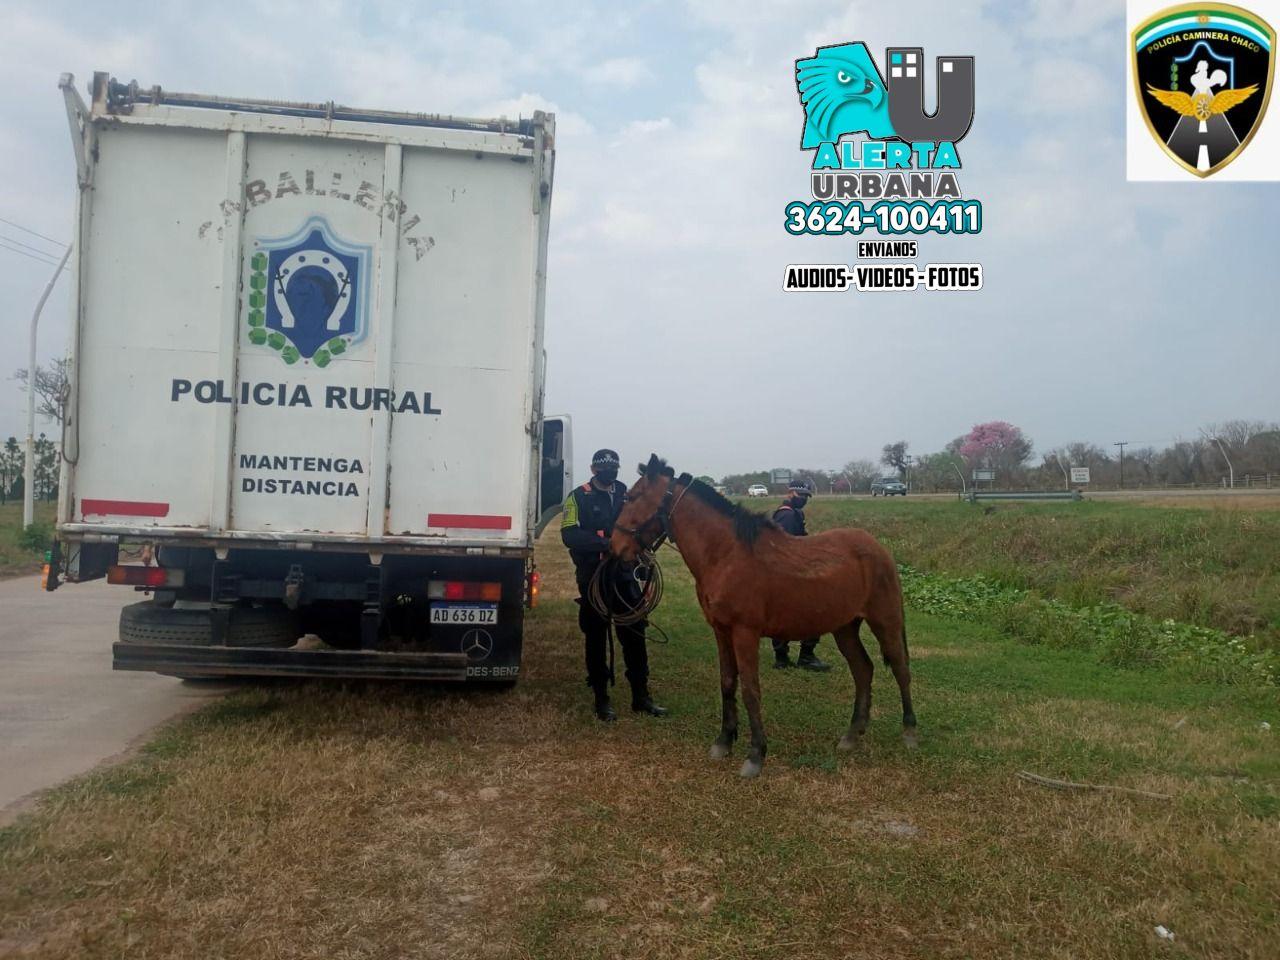 Intensos controles por parte de la Policía Caminera por animales sueltos en la ruta